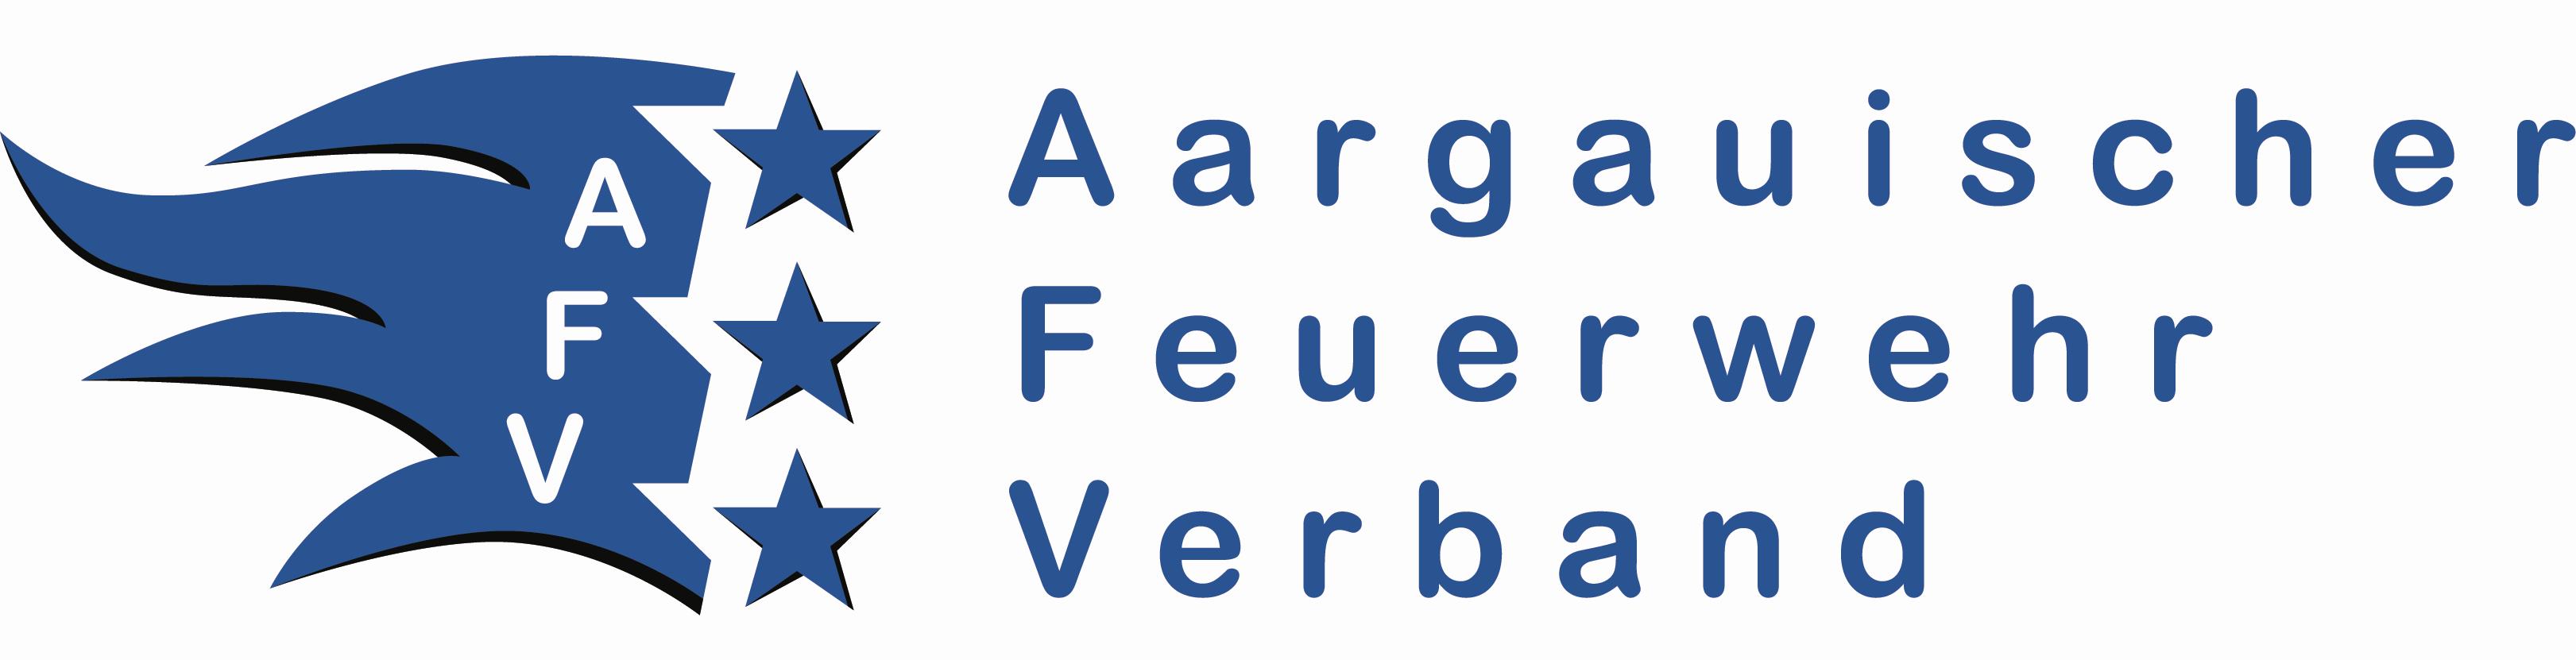 Aargauischer Feuerwehrverband